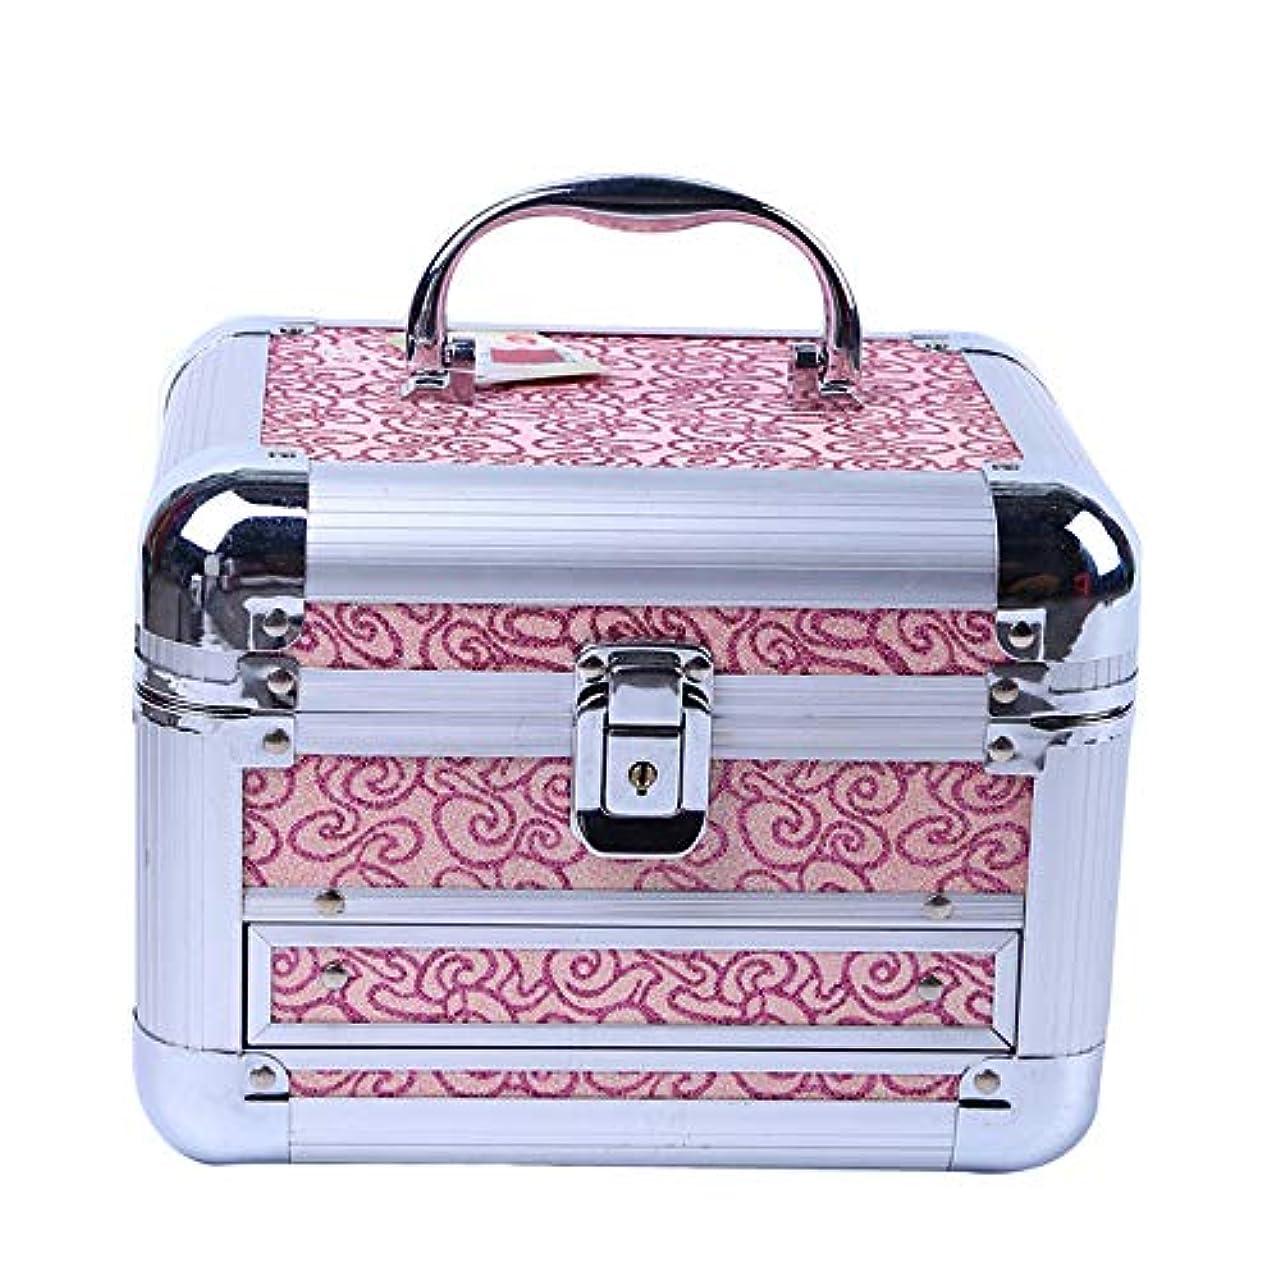 ミリメーター悪夢支配的化粧オーガナイザーバッグ 美容メイクアップのための大容量ポータブル化粧ケース、女子女性のための化粧鏡と折り畳みトレイと旅行と毎日のストレージ 化粧品ケース